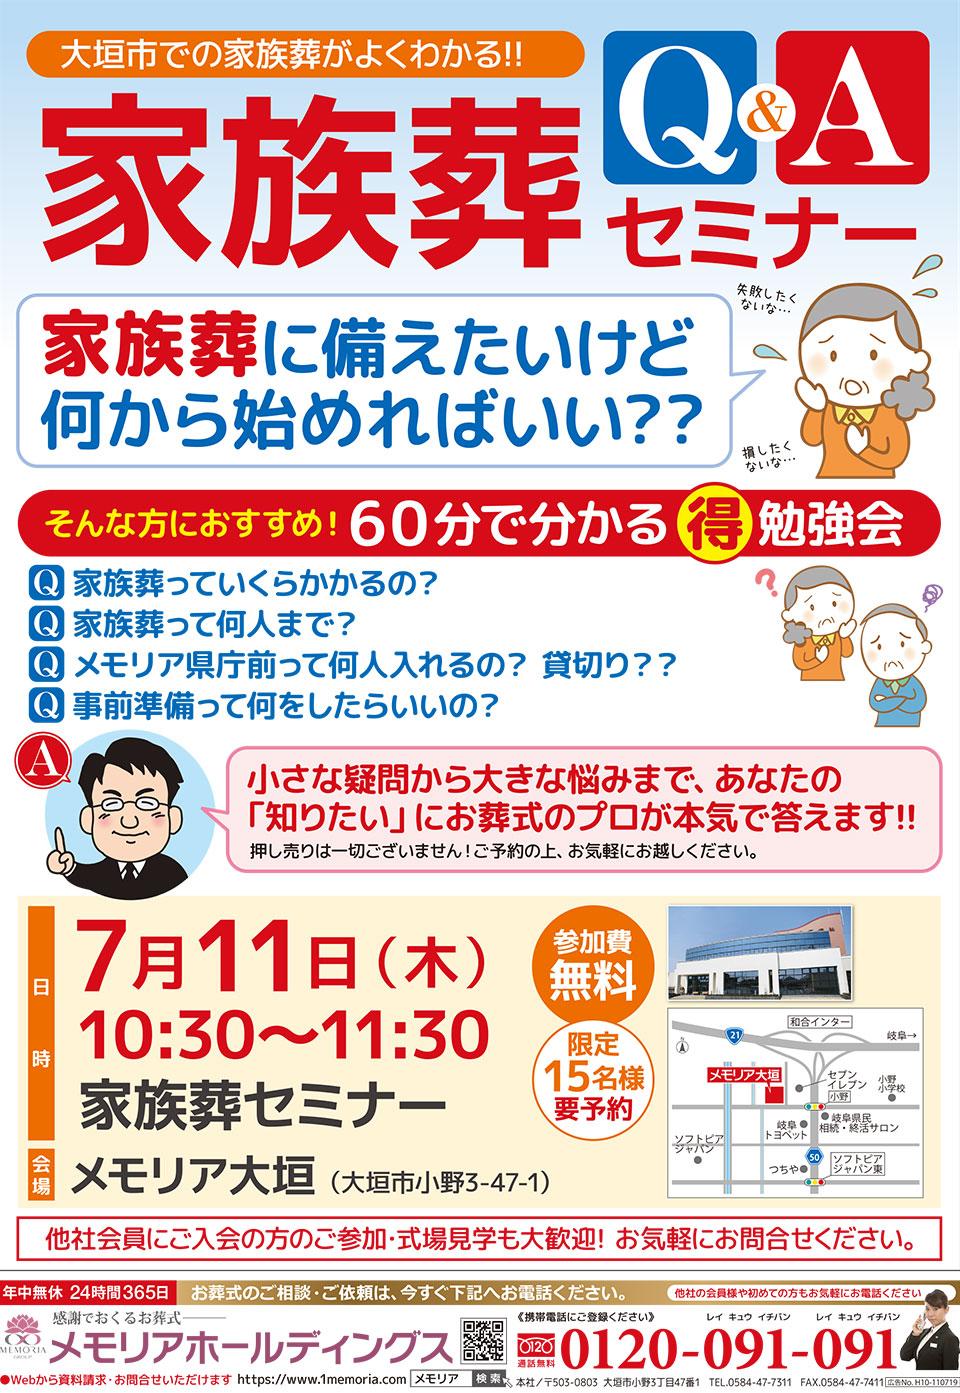 2019/7/11 家族葬の事が良く分かるセミナー メモリア大垣